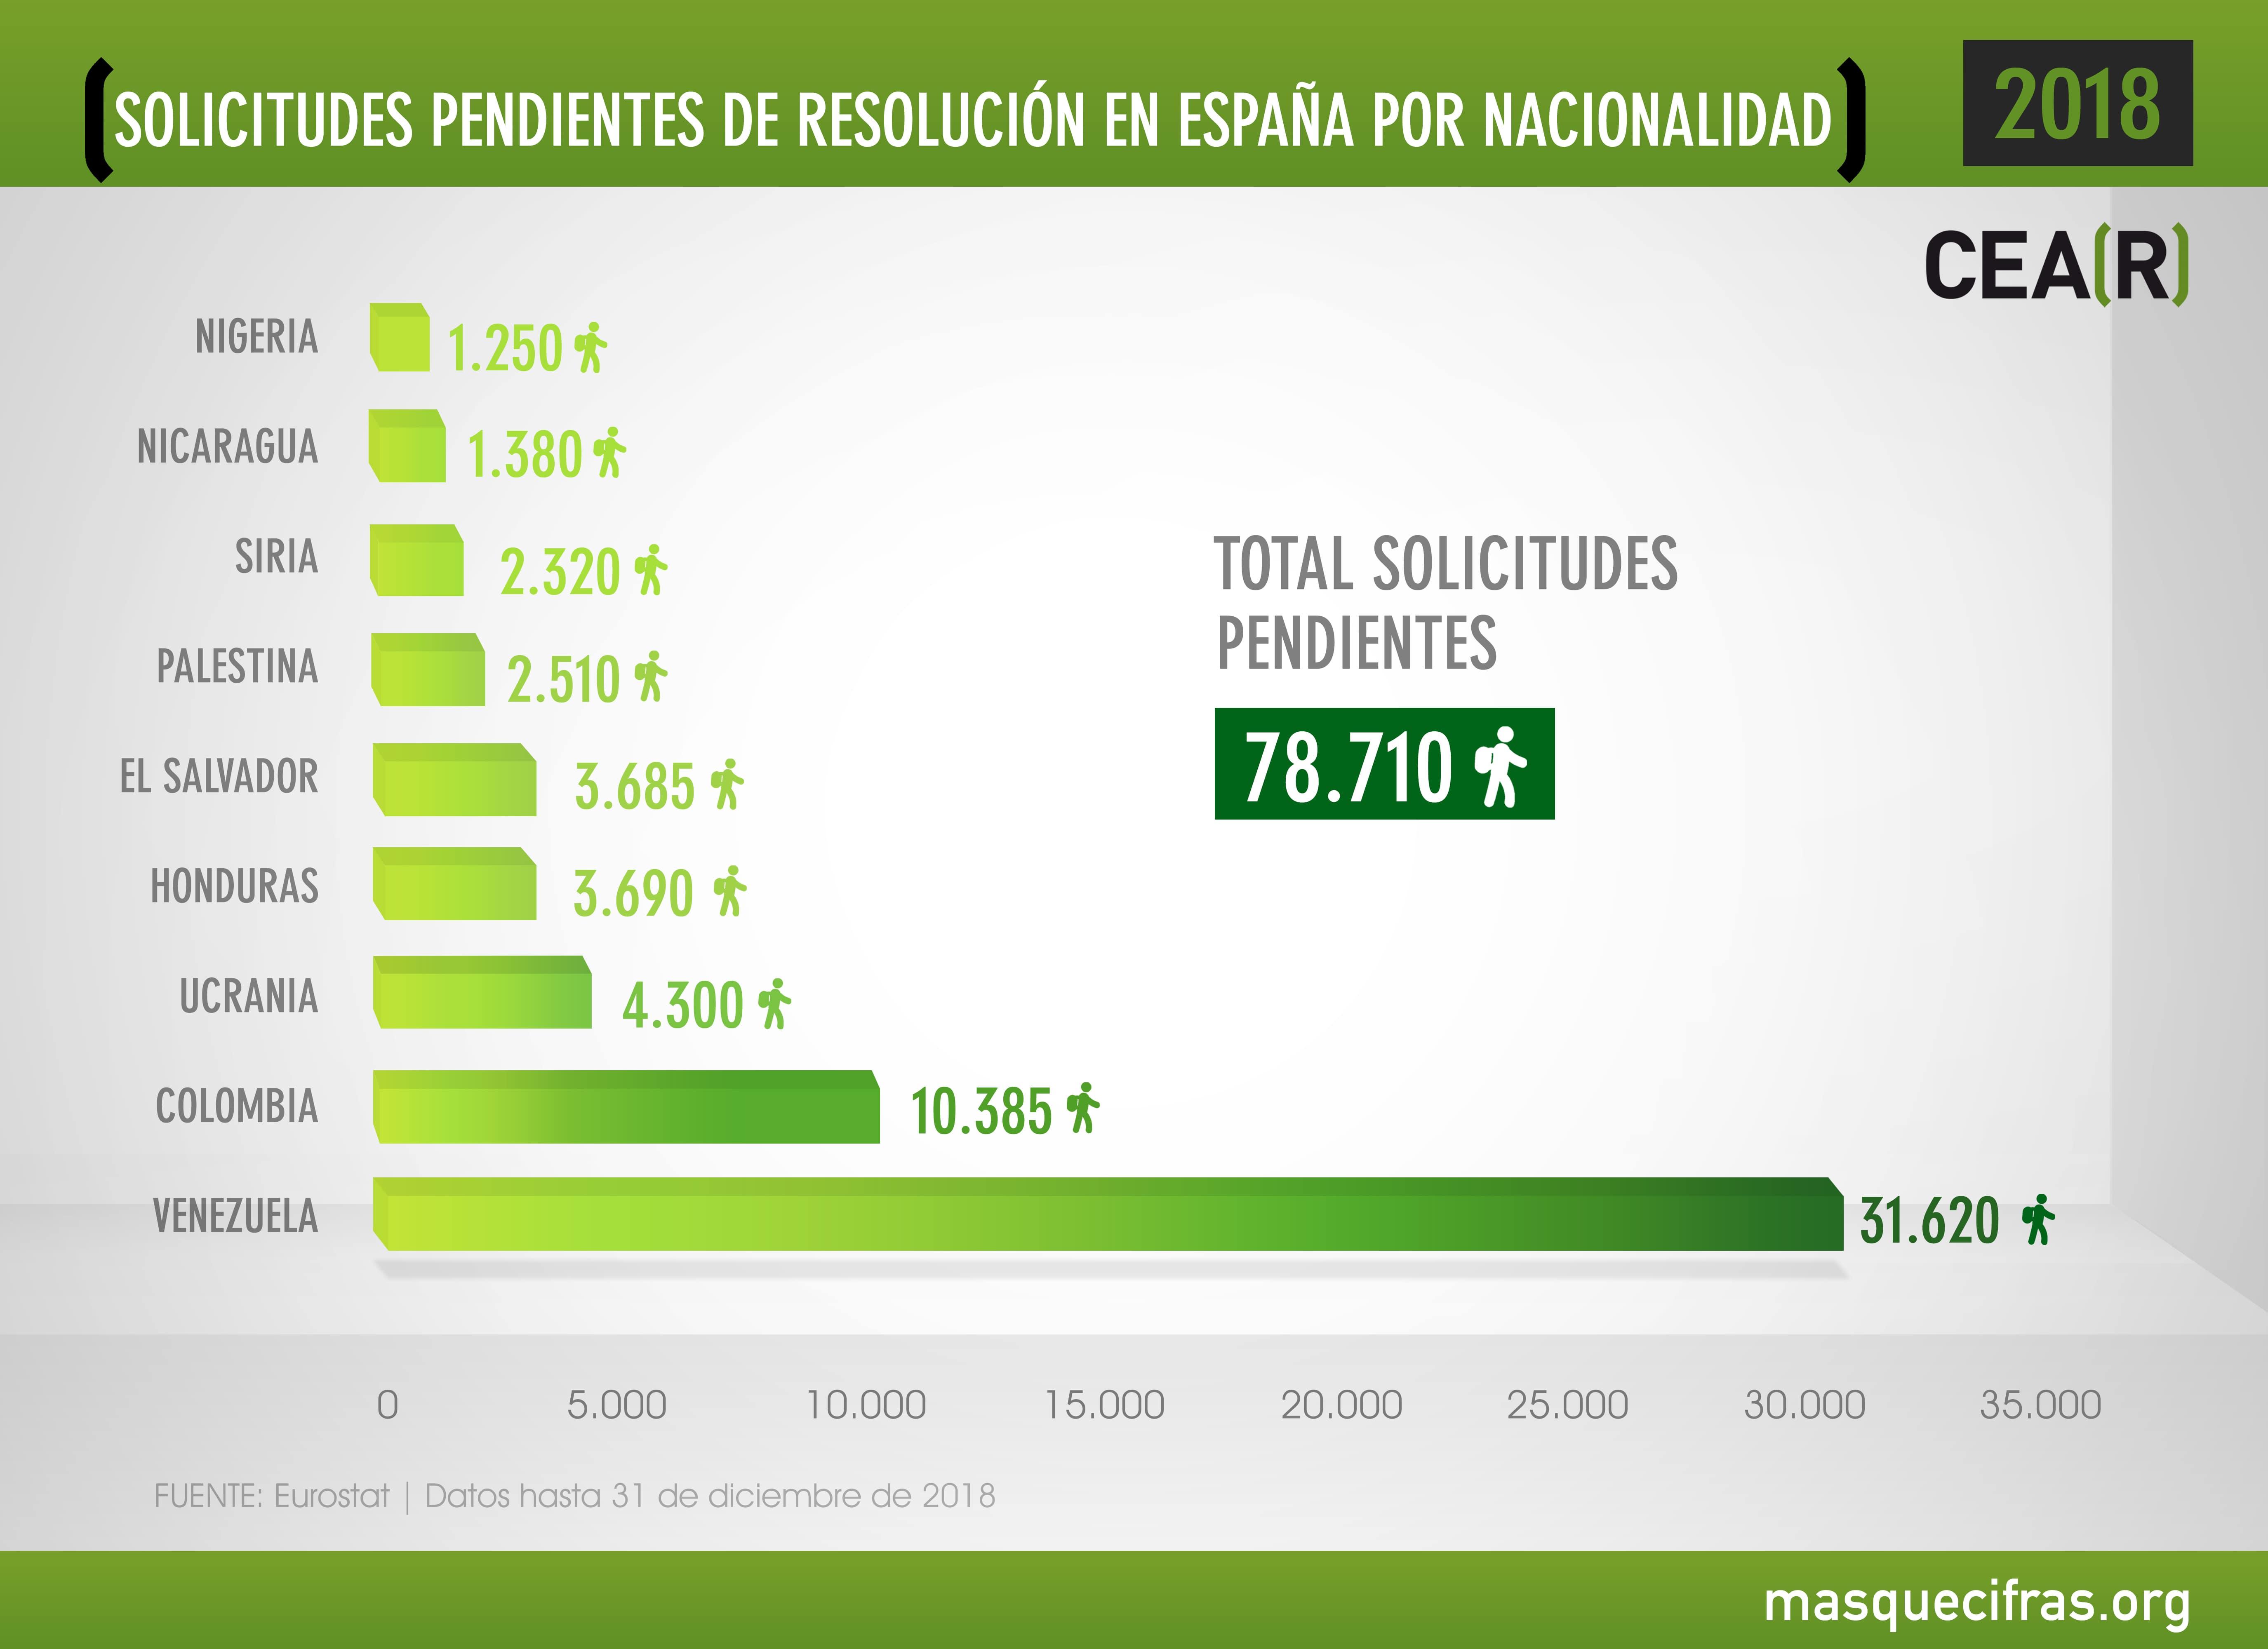 Solicitudes pendientes de resolución en España por nacionalidad